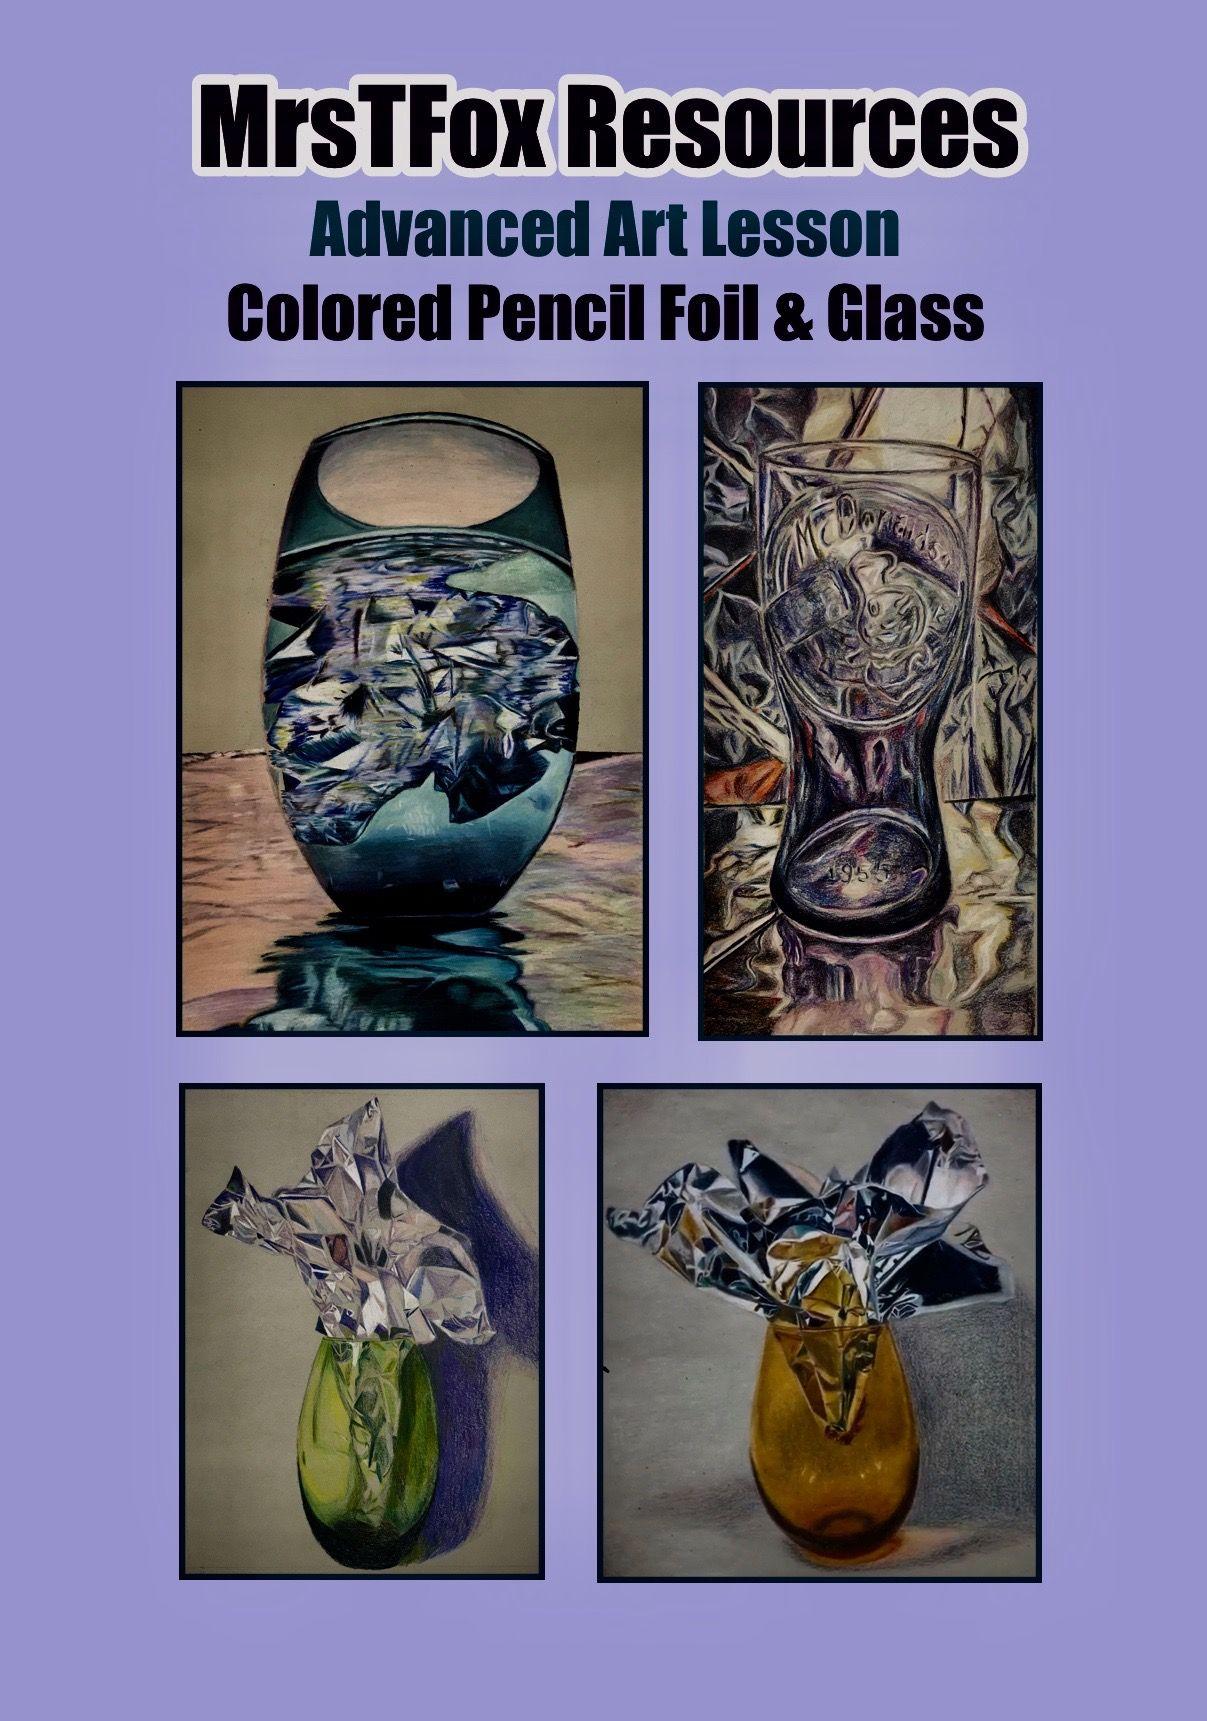 Advanced Art Lesson In Colored Pencil